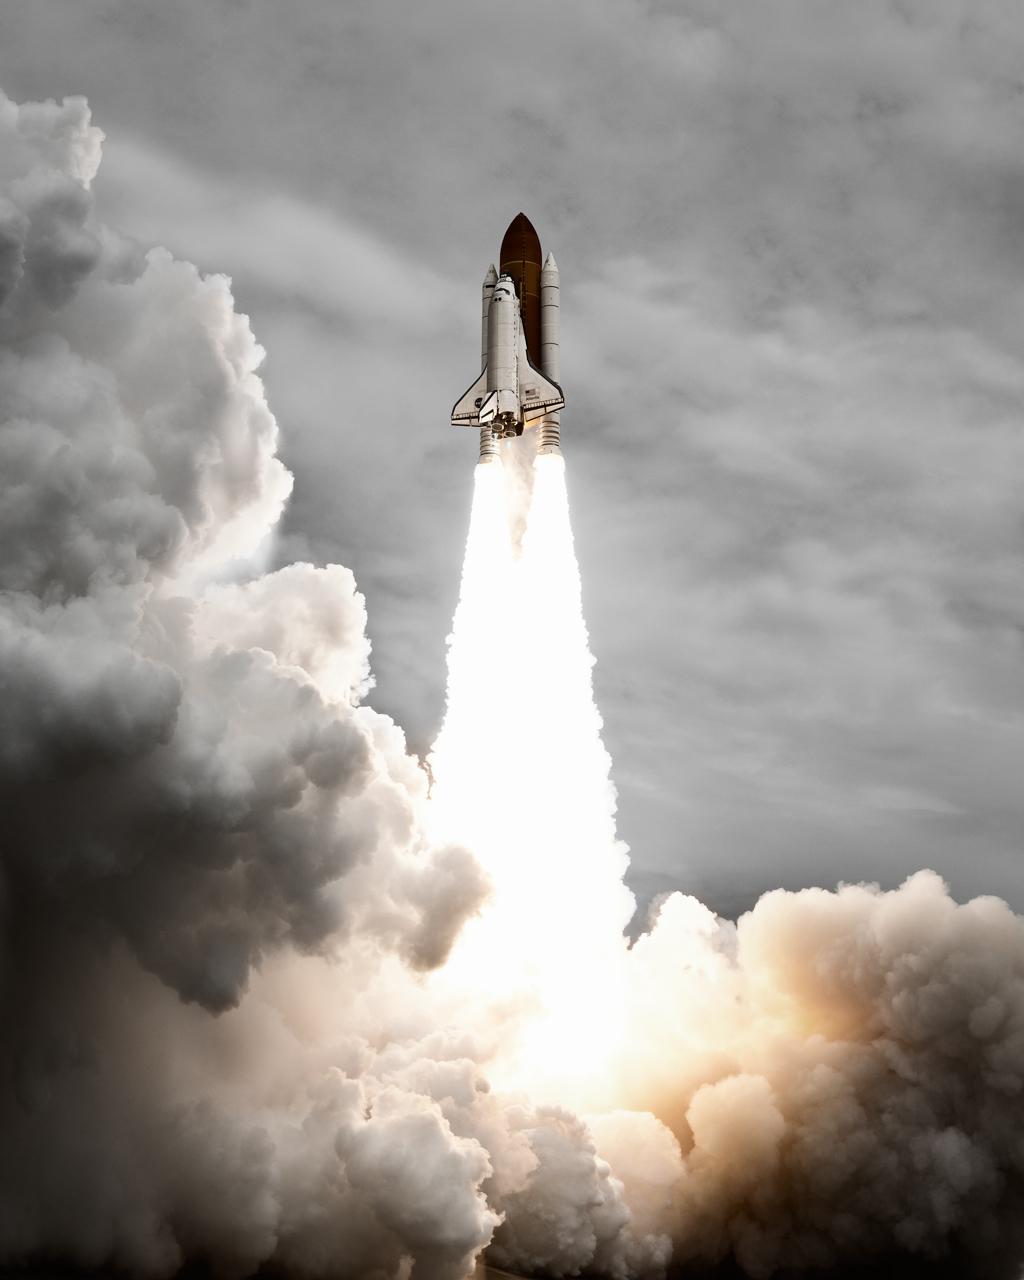 space shuttle endeavour final launch - photo #47